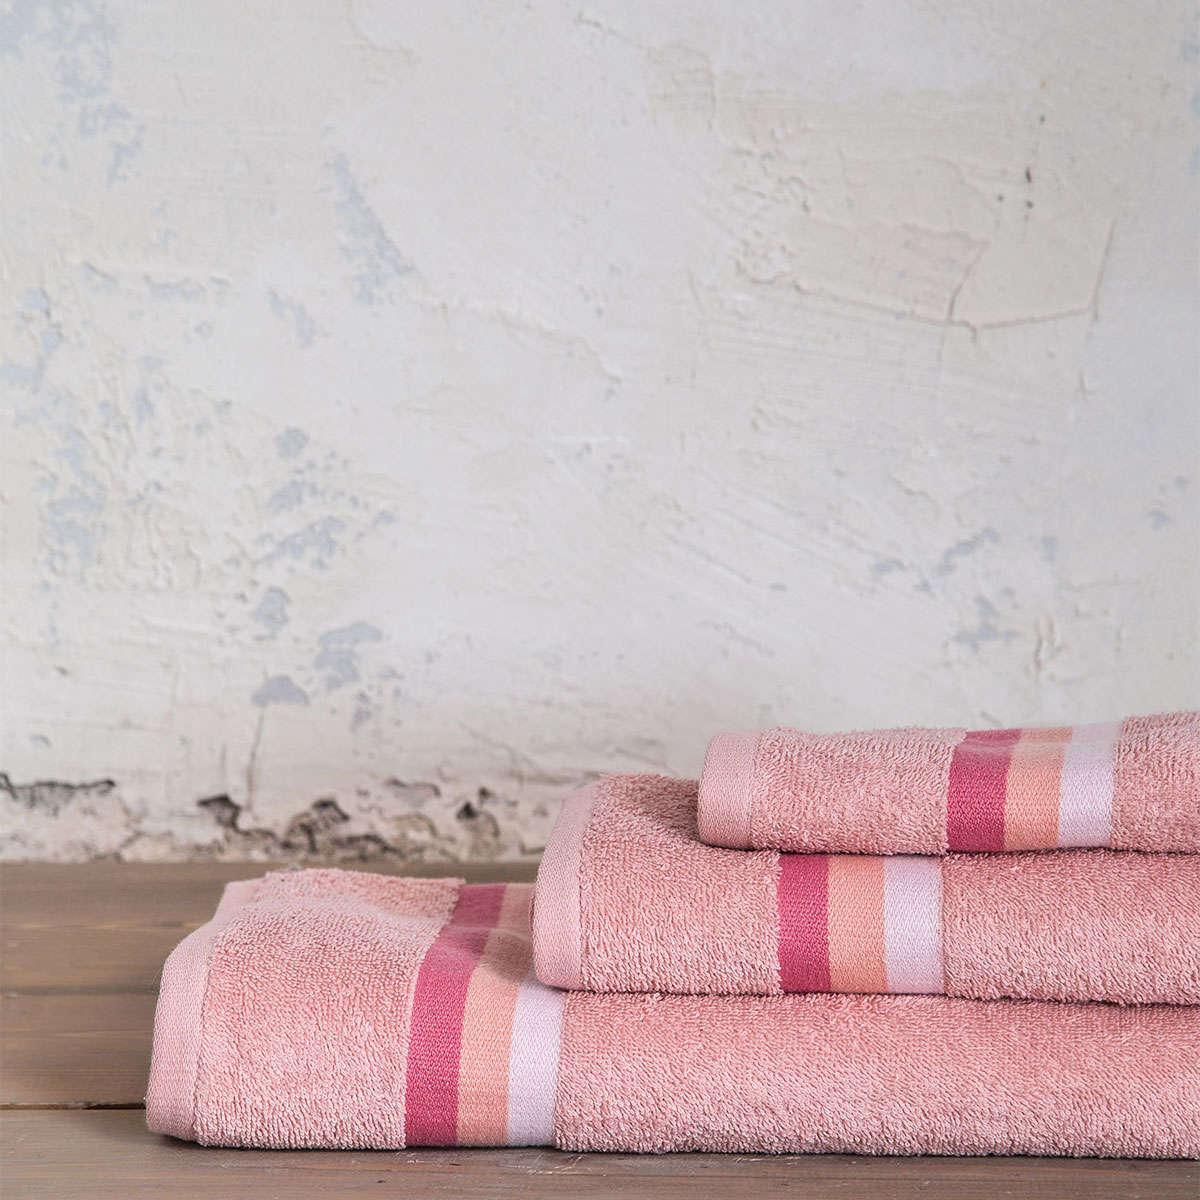 Πετσέτες Σετ 3τμχ. Avra – Strawberry Pink Nima Σετ Πετσέτες 70x140cm